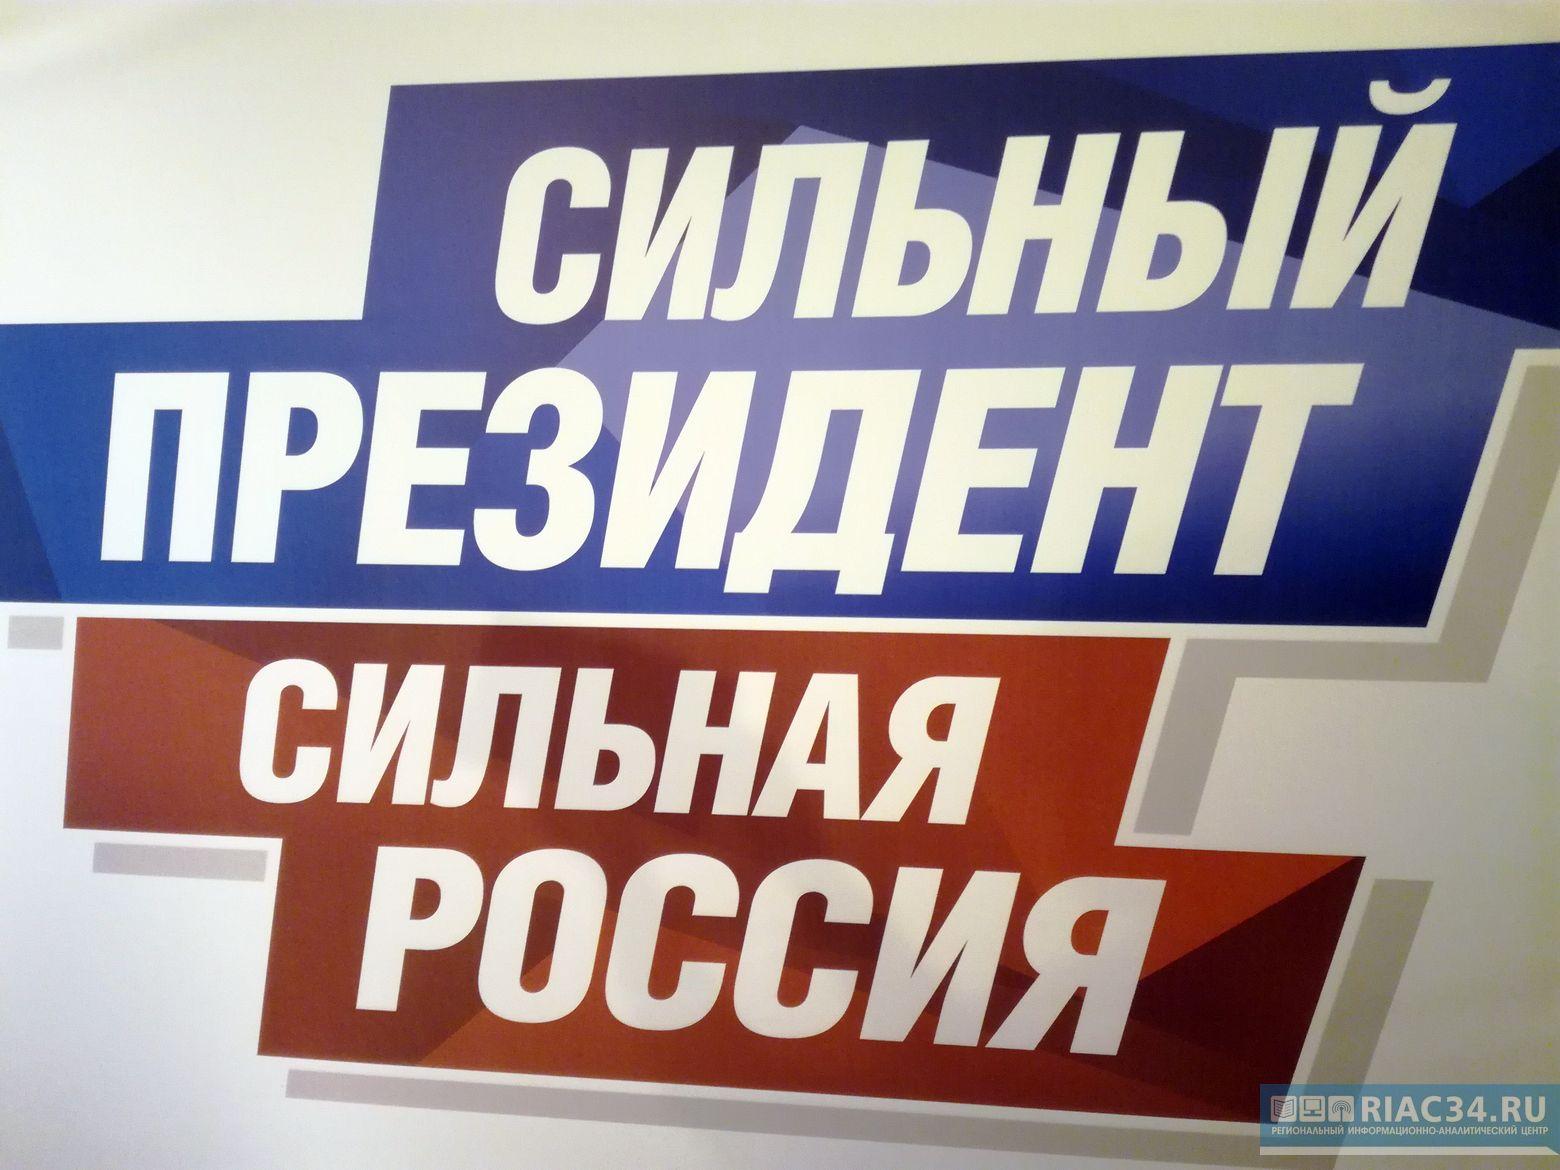 Жители РФзарубежом считают В. Путина гарантом развития Российской Федерации — Володин